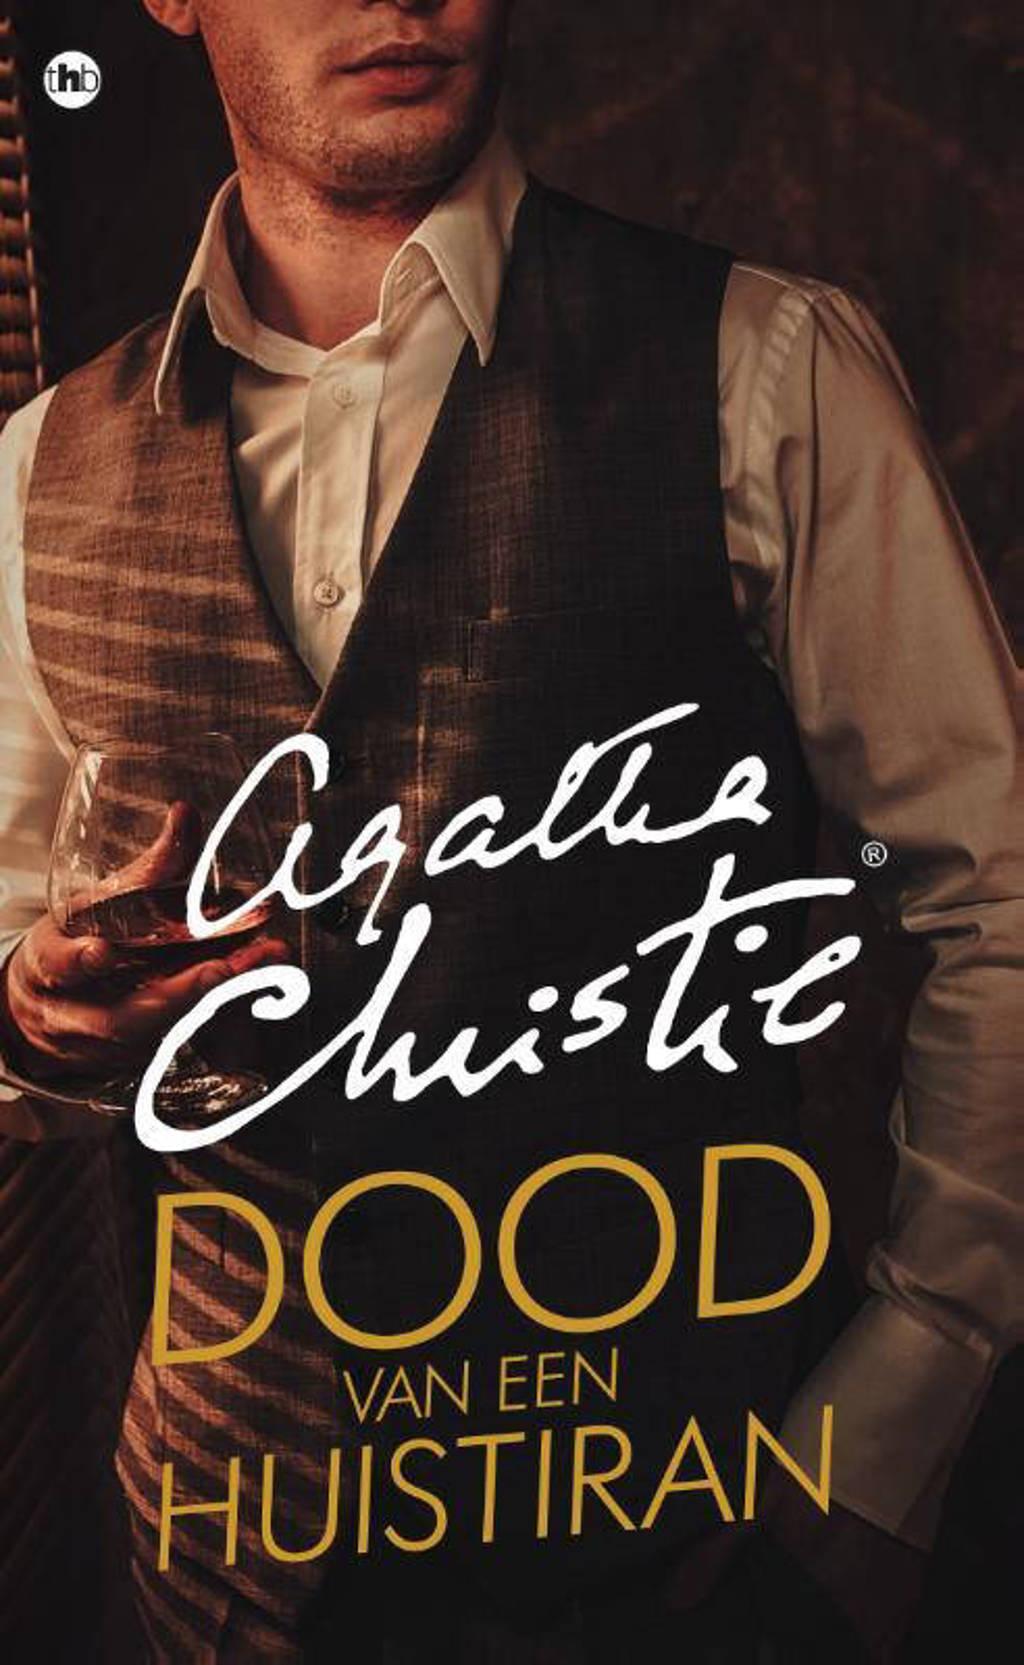 Poirot: Dood van een huistiran - Agatha Christie